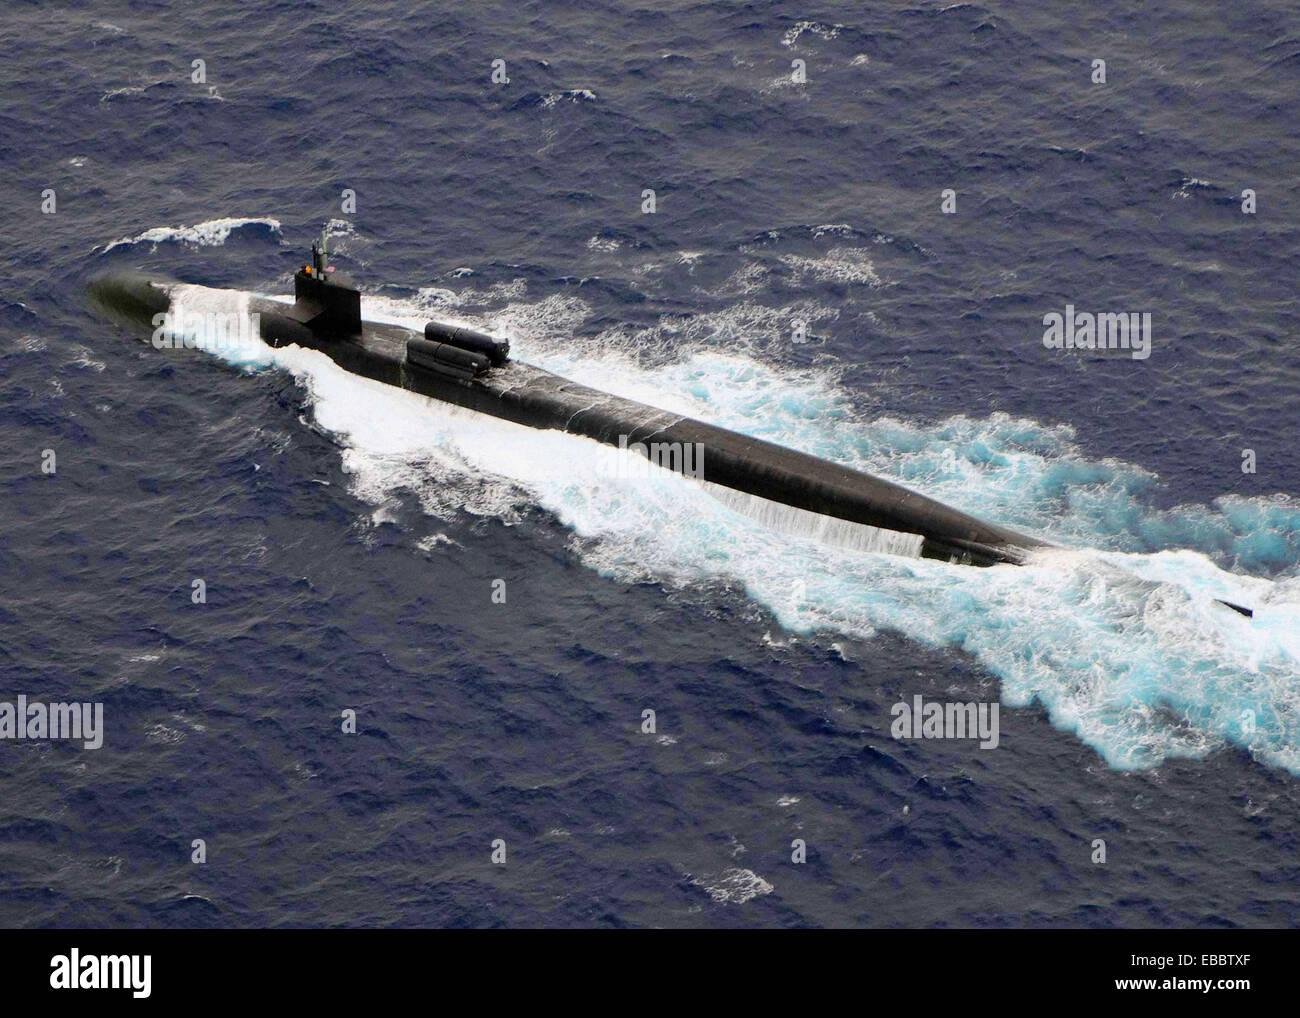 Japanese Military Submarine Stockfotos & Japanese Military Submarine ...